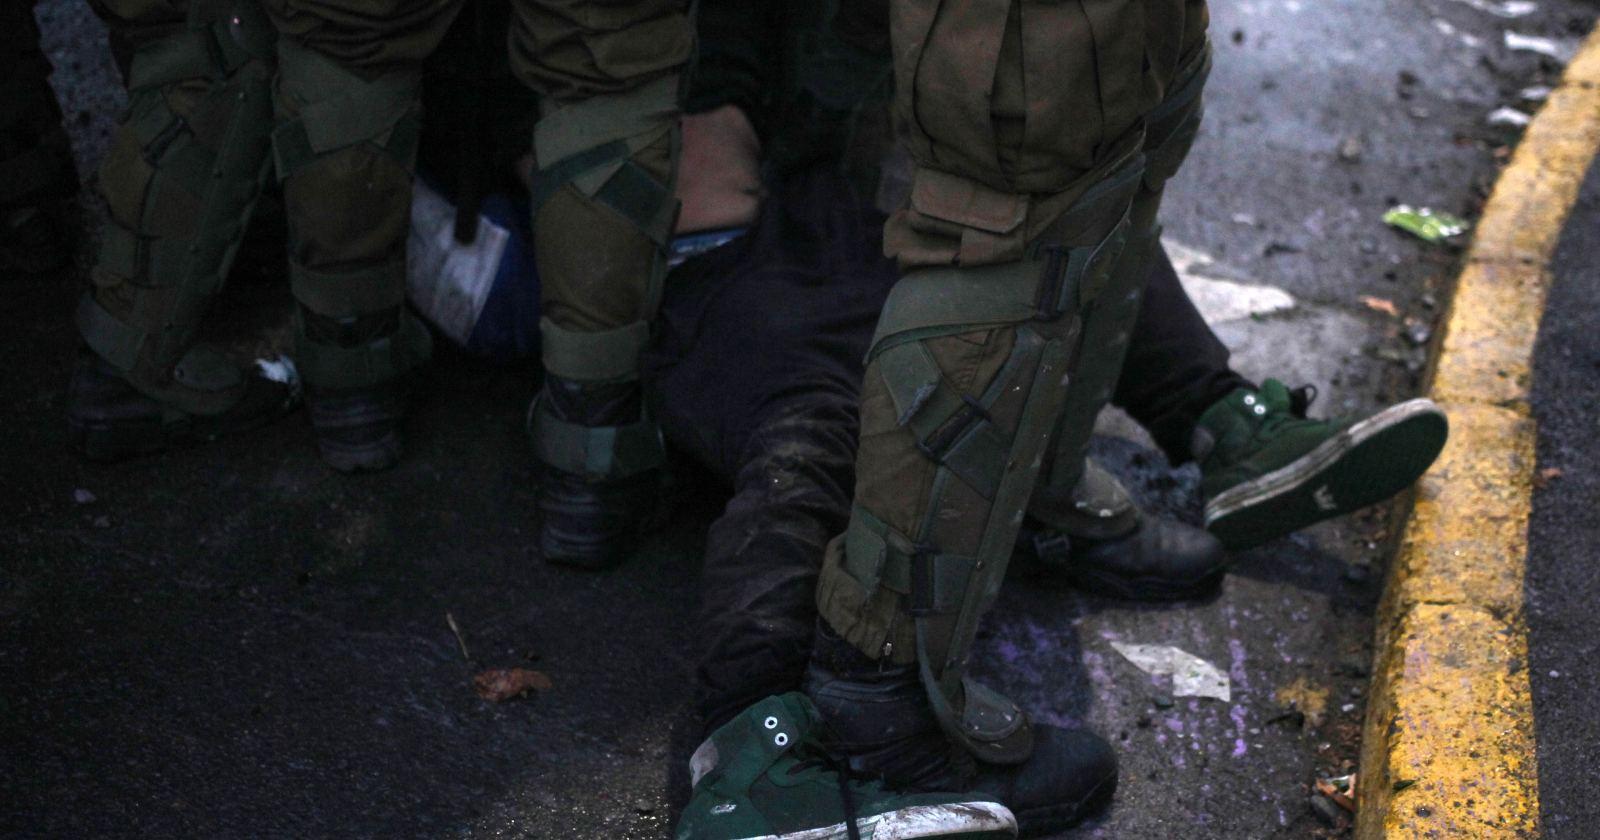 Tres carabineros detenidos por torturas en comisaría de Peñalolén